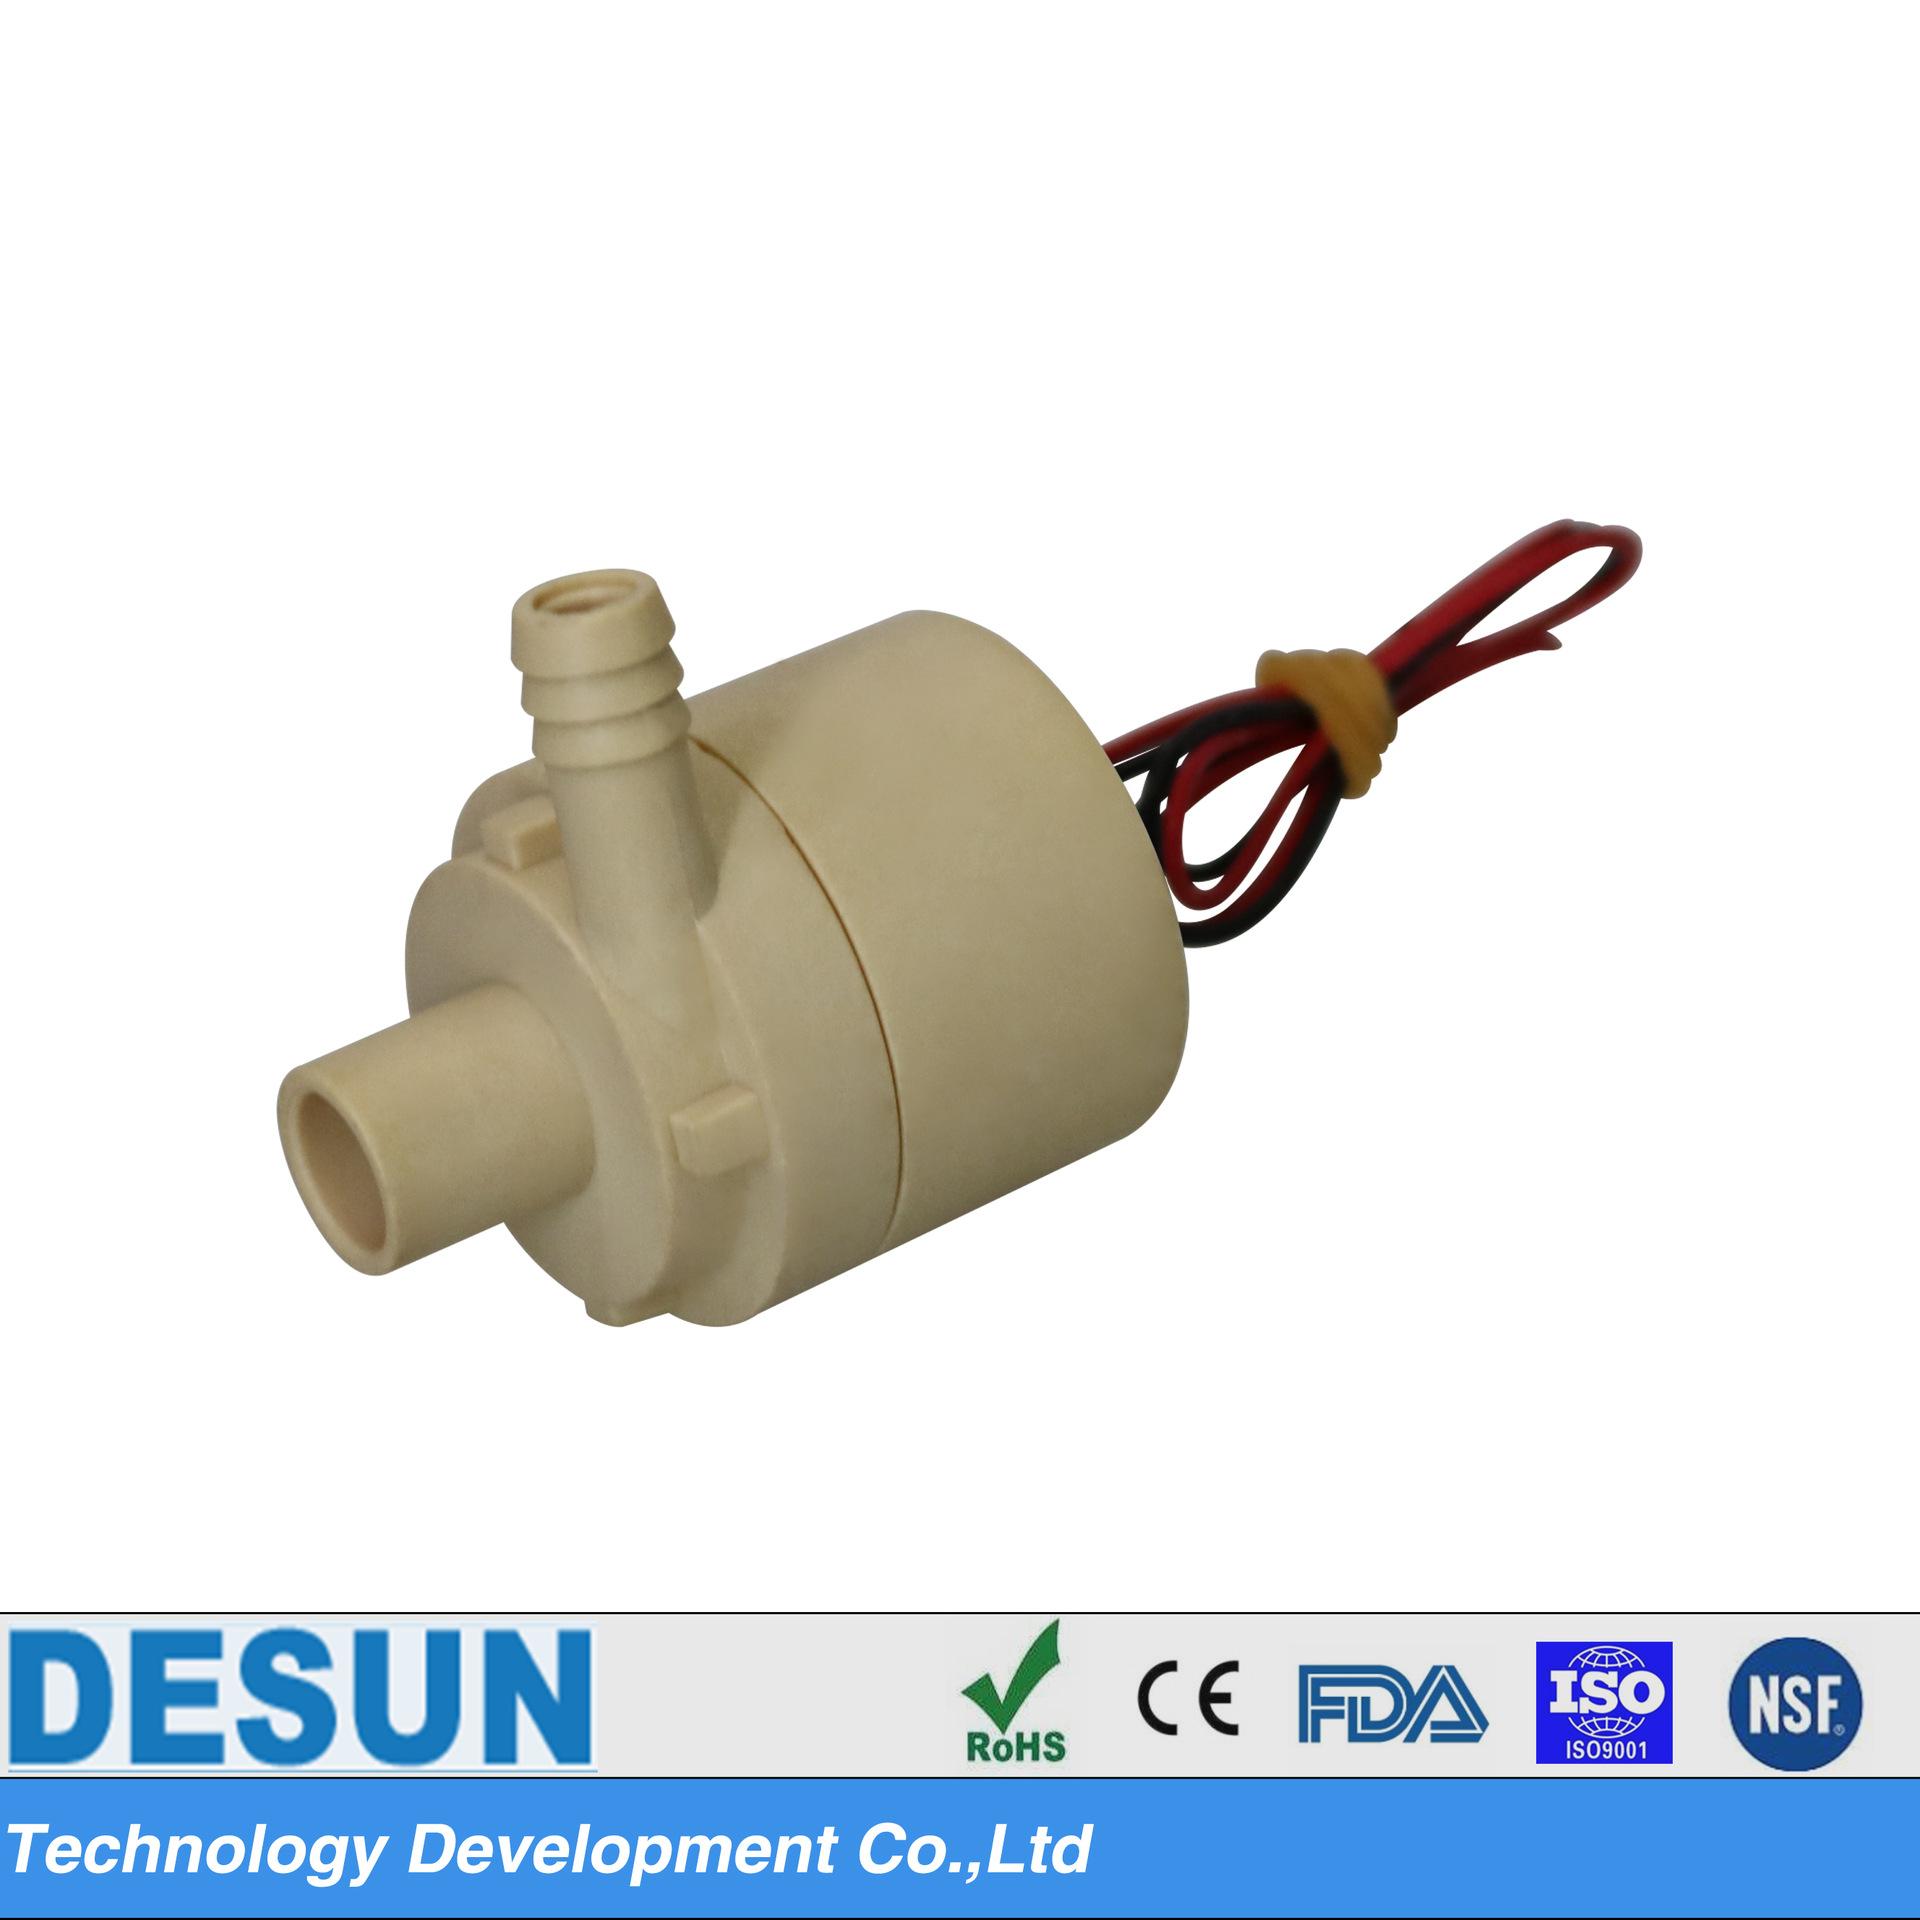 食品级咖啡机微型水泵DS2502HF